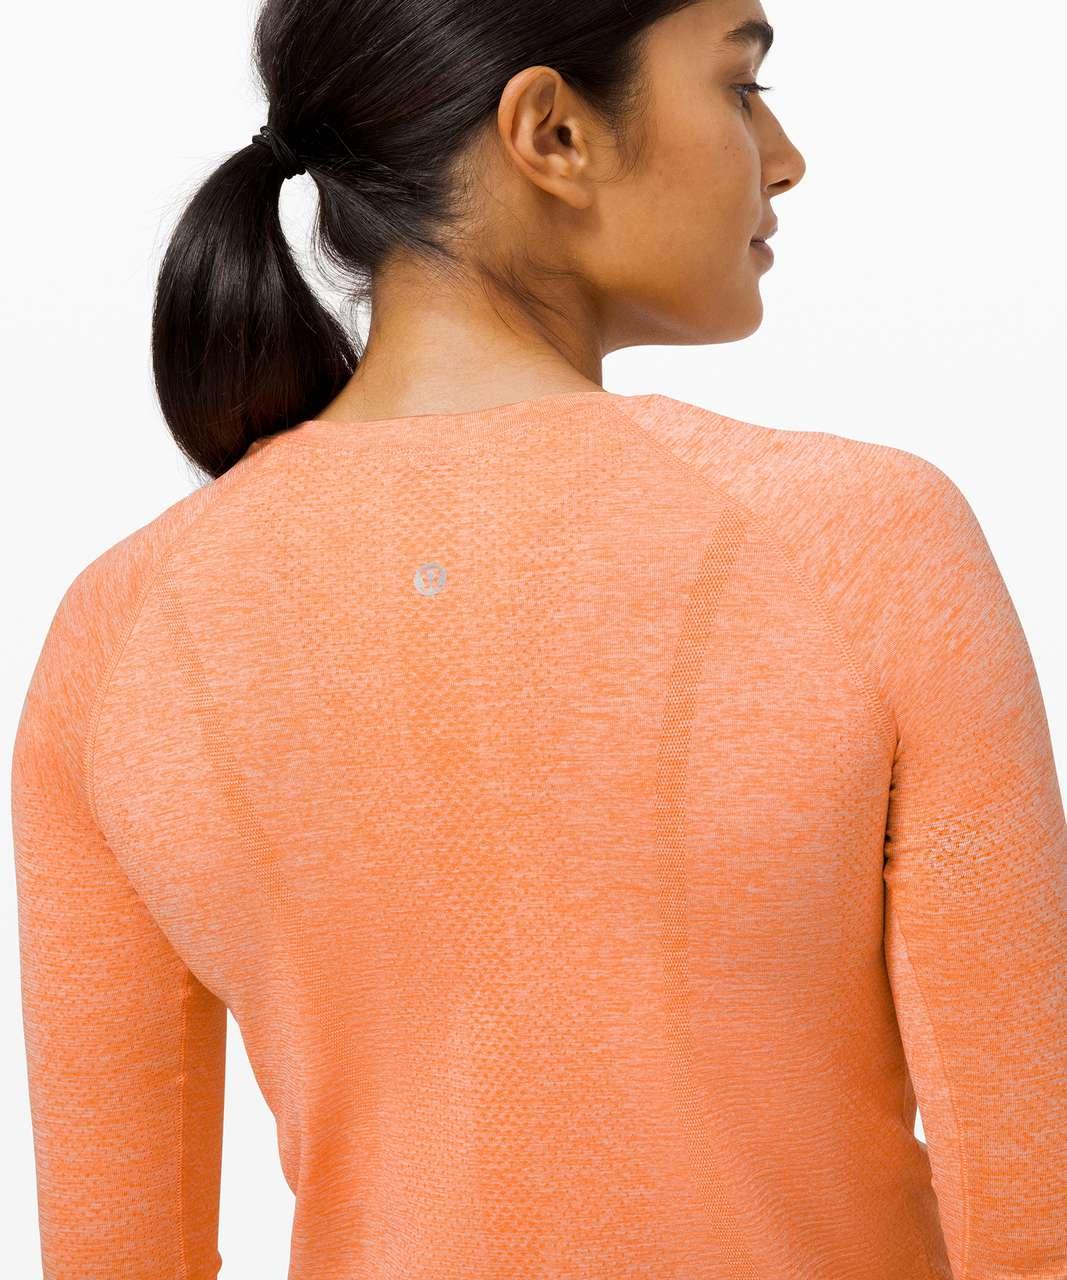 Lululemon Swiftly Tech Long Sleeve 2.0 - Amber Orange / White